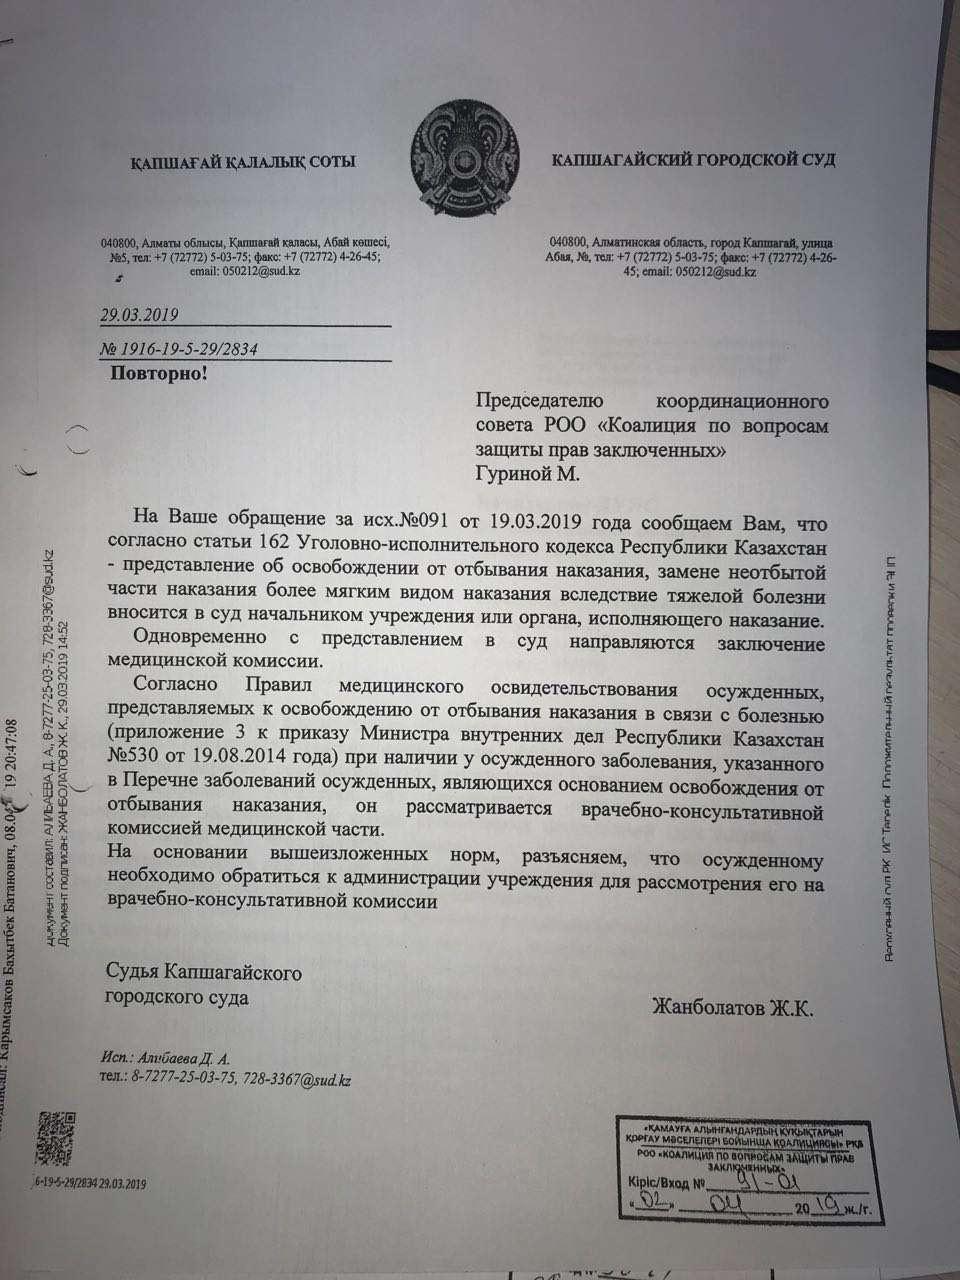 Правозащитники уже подавали документы на досрочное освобождение осужденного, но суд перенаправил их к ДУИС